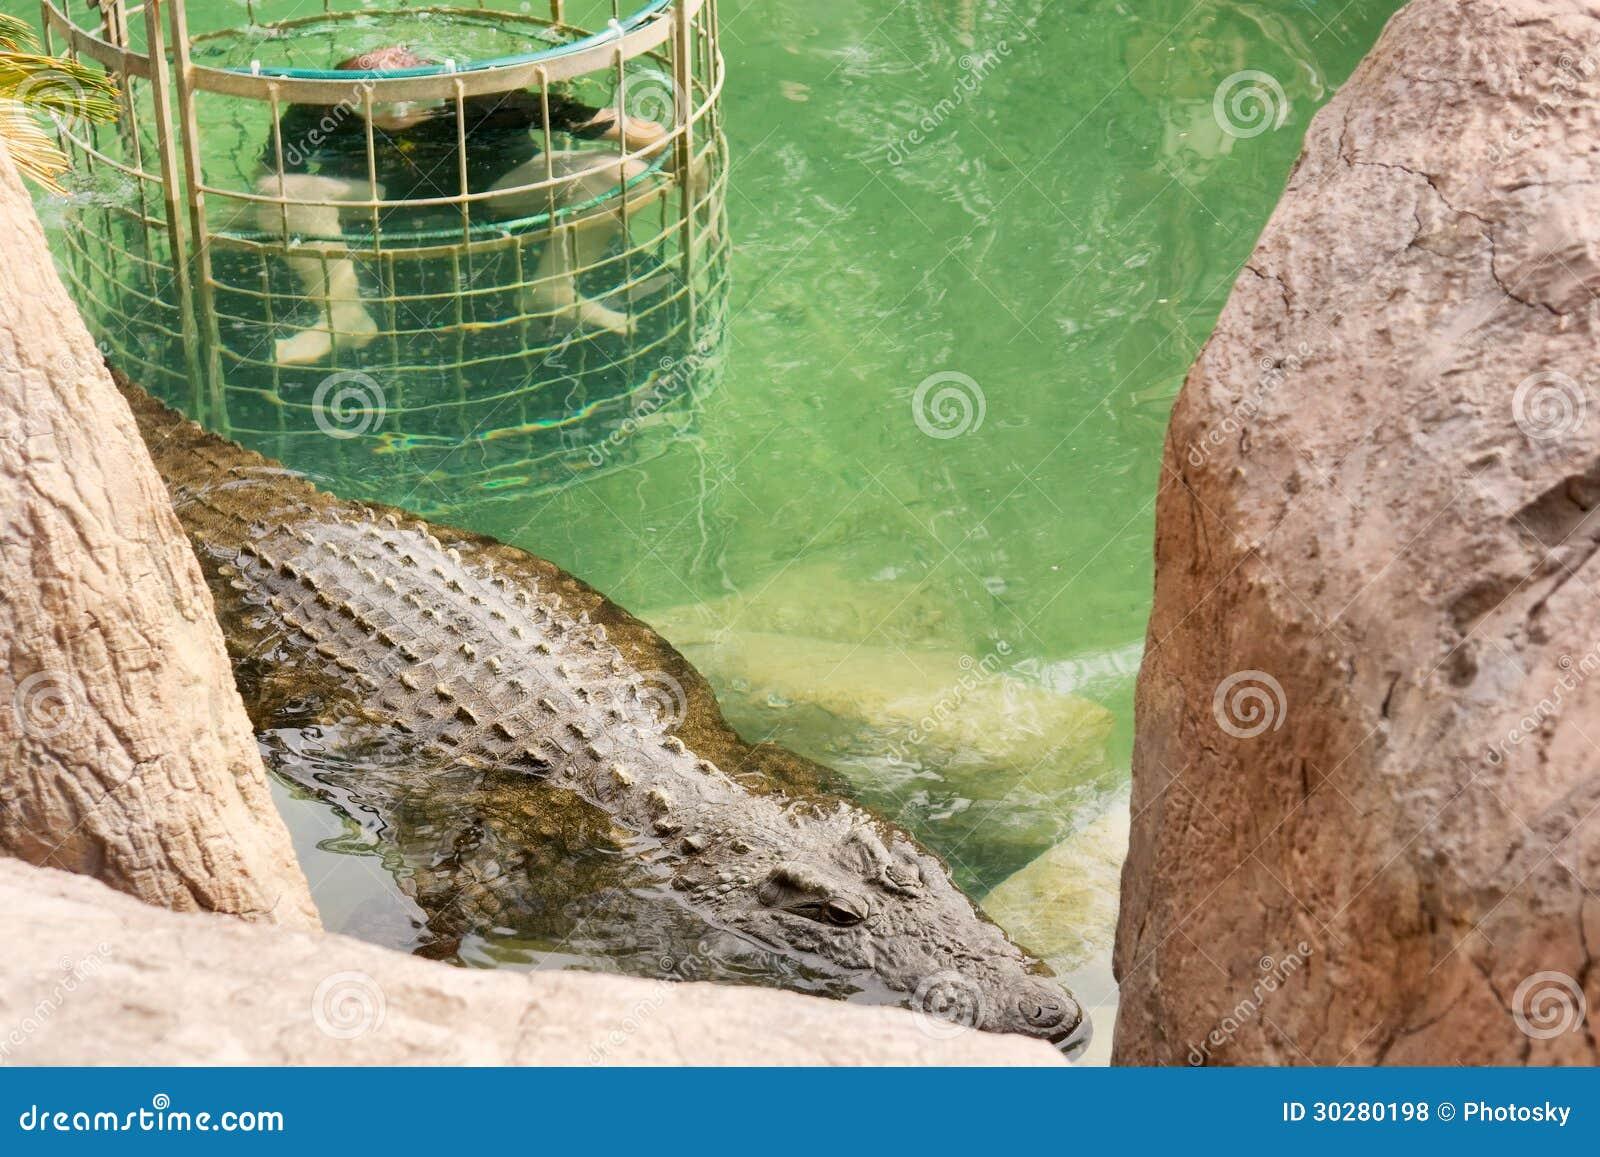 鳄鱼笼子潜水